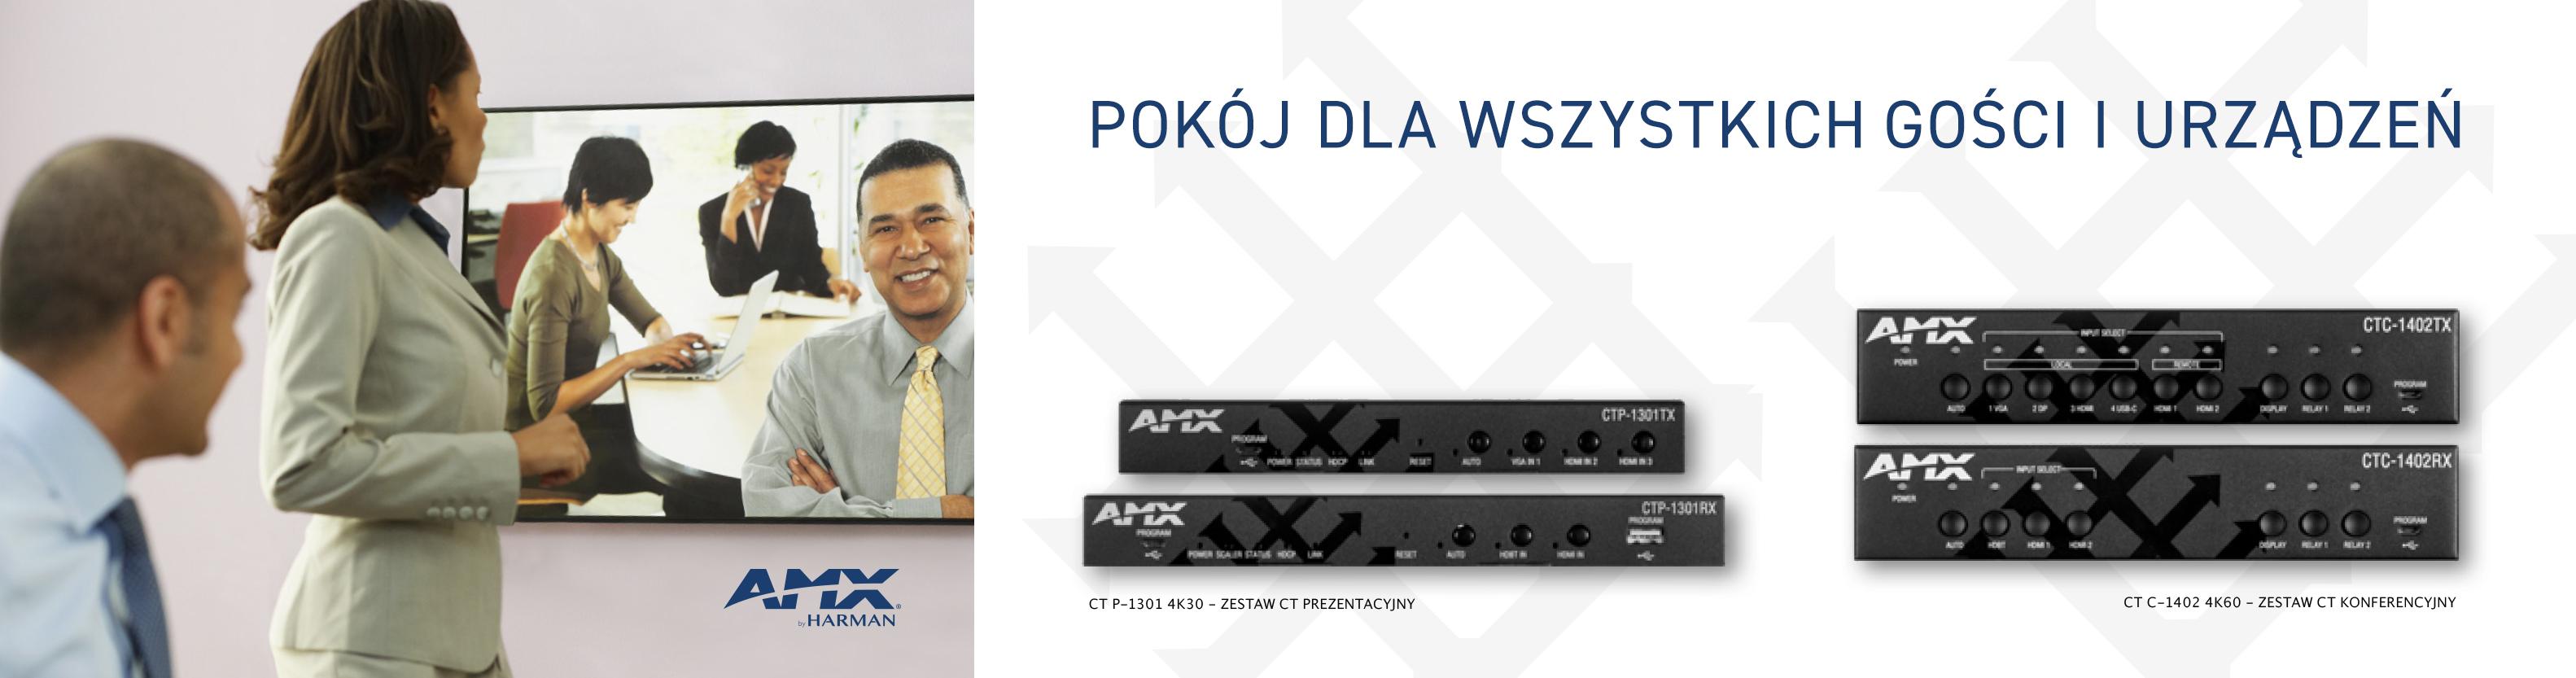 AMX - o firmie